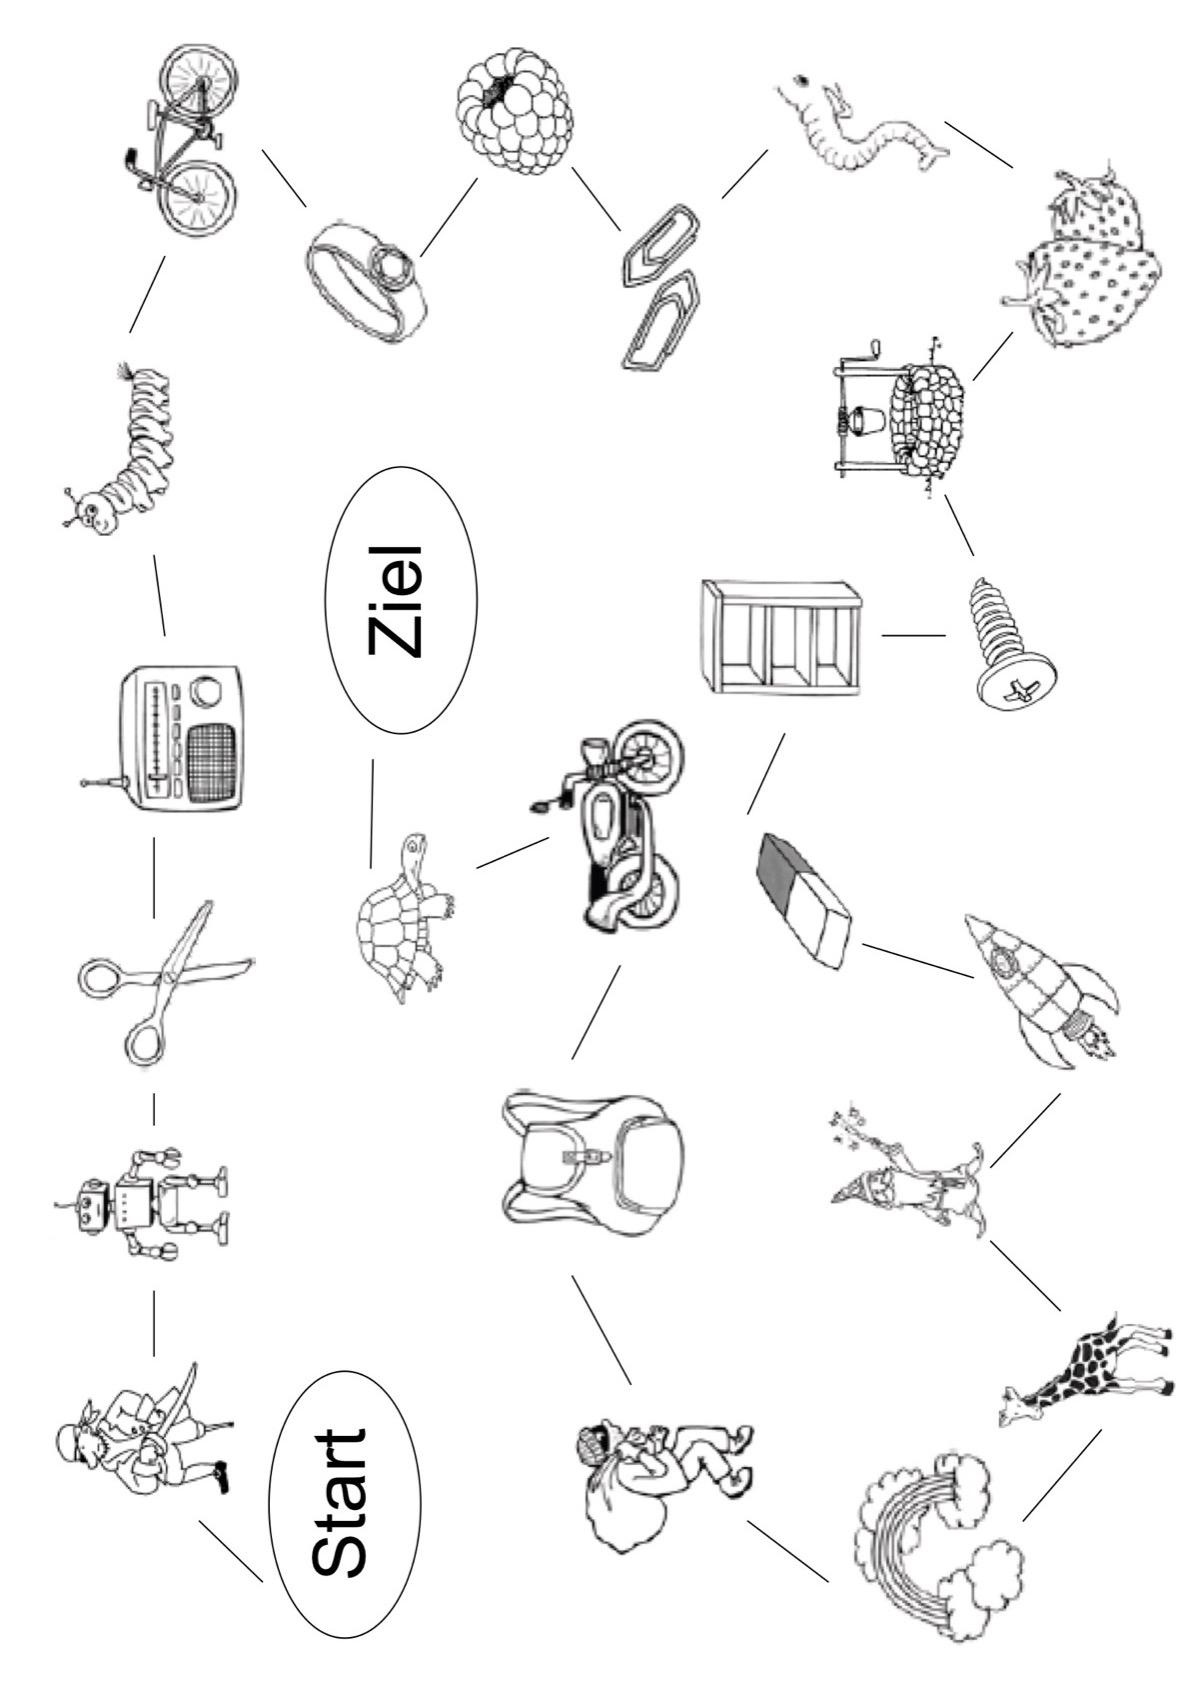 Sammlungen (Seite 2) mit Spielplan Rhotazismus - Dyslalie - madoo.net